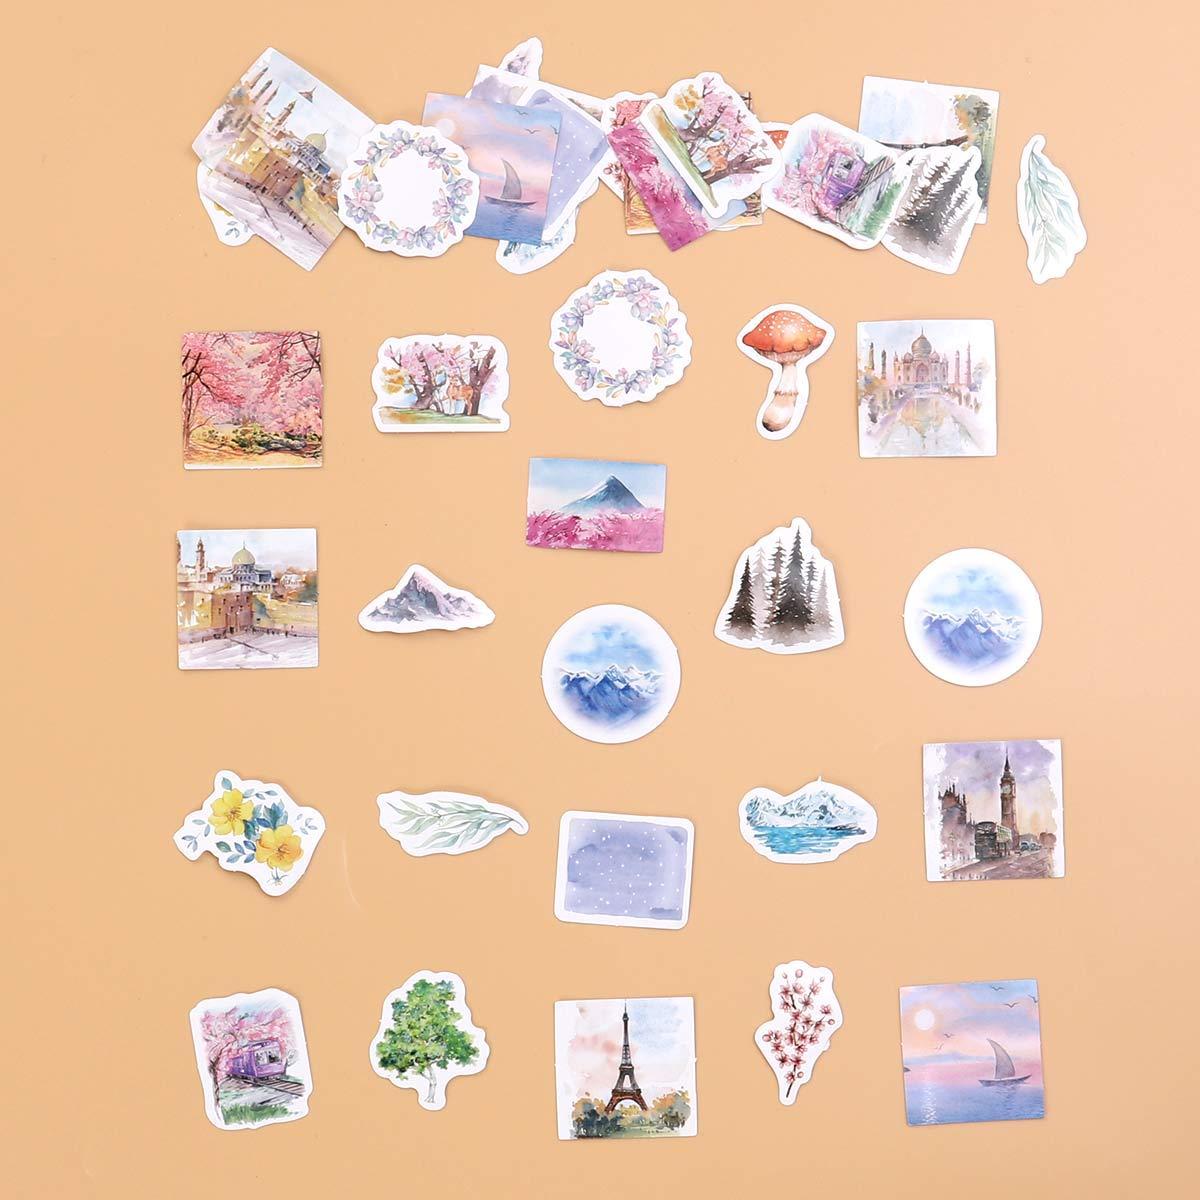 40 unids El Significado de los Viajes Pegatinas Set Colecci/ón de Pegatinas Decorativas para Scrapbooking Calendarios Artes Ni/ños DIY Manualidades /Álbumes Bullet